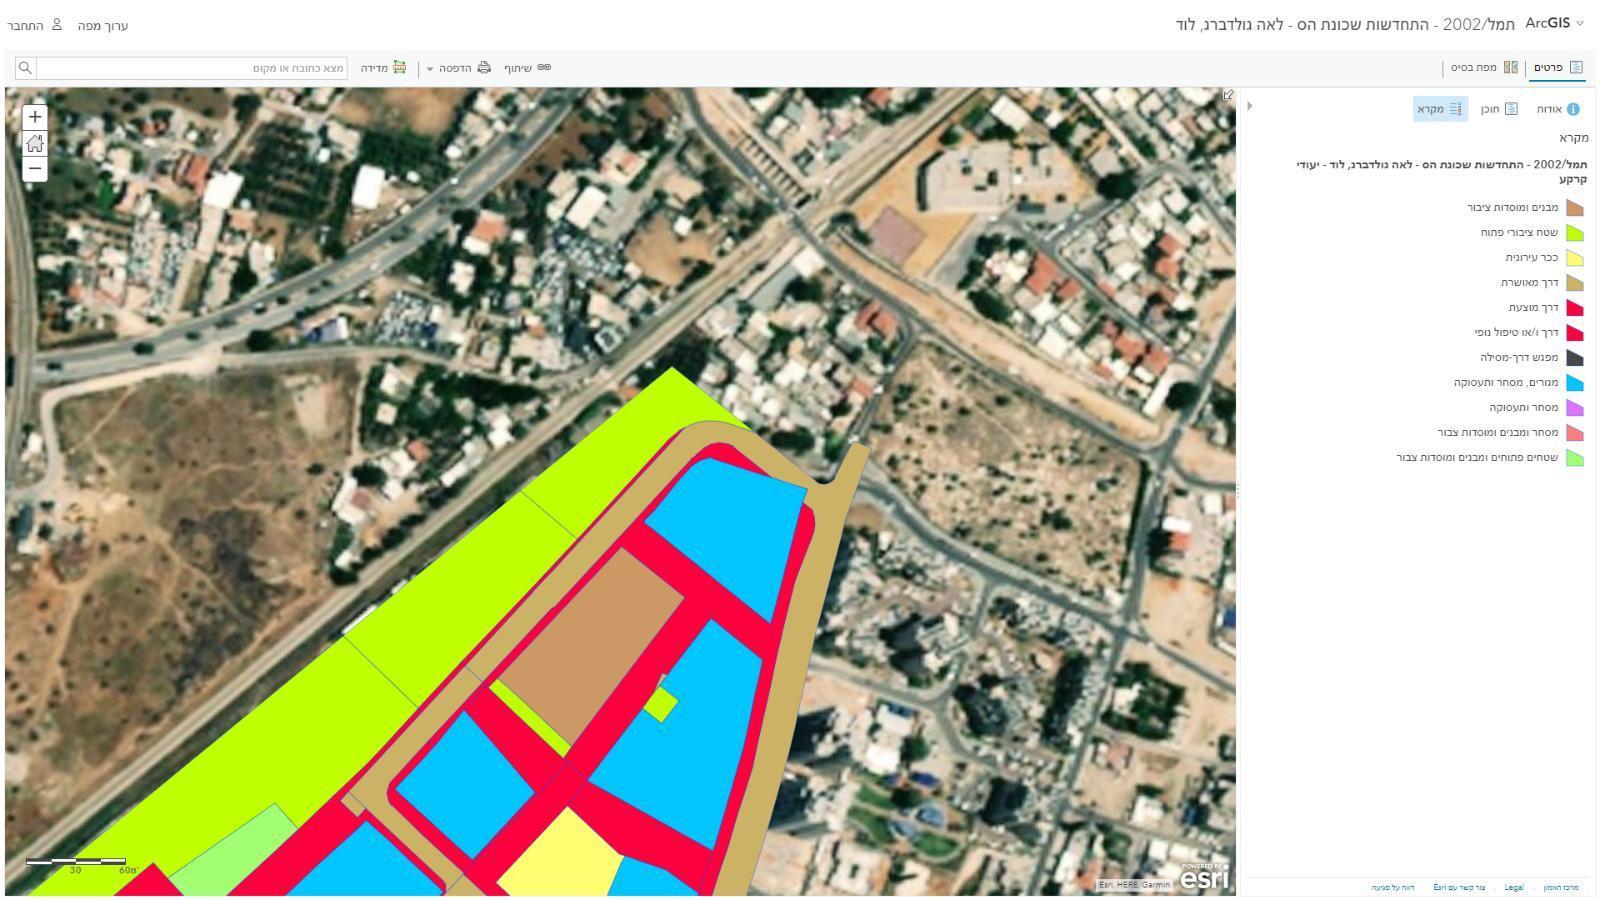 """مخطط """"فاتمال"""" في اللد: تعميق لأزمة البناء وتفكيك للعائلات العربية"""